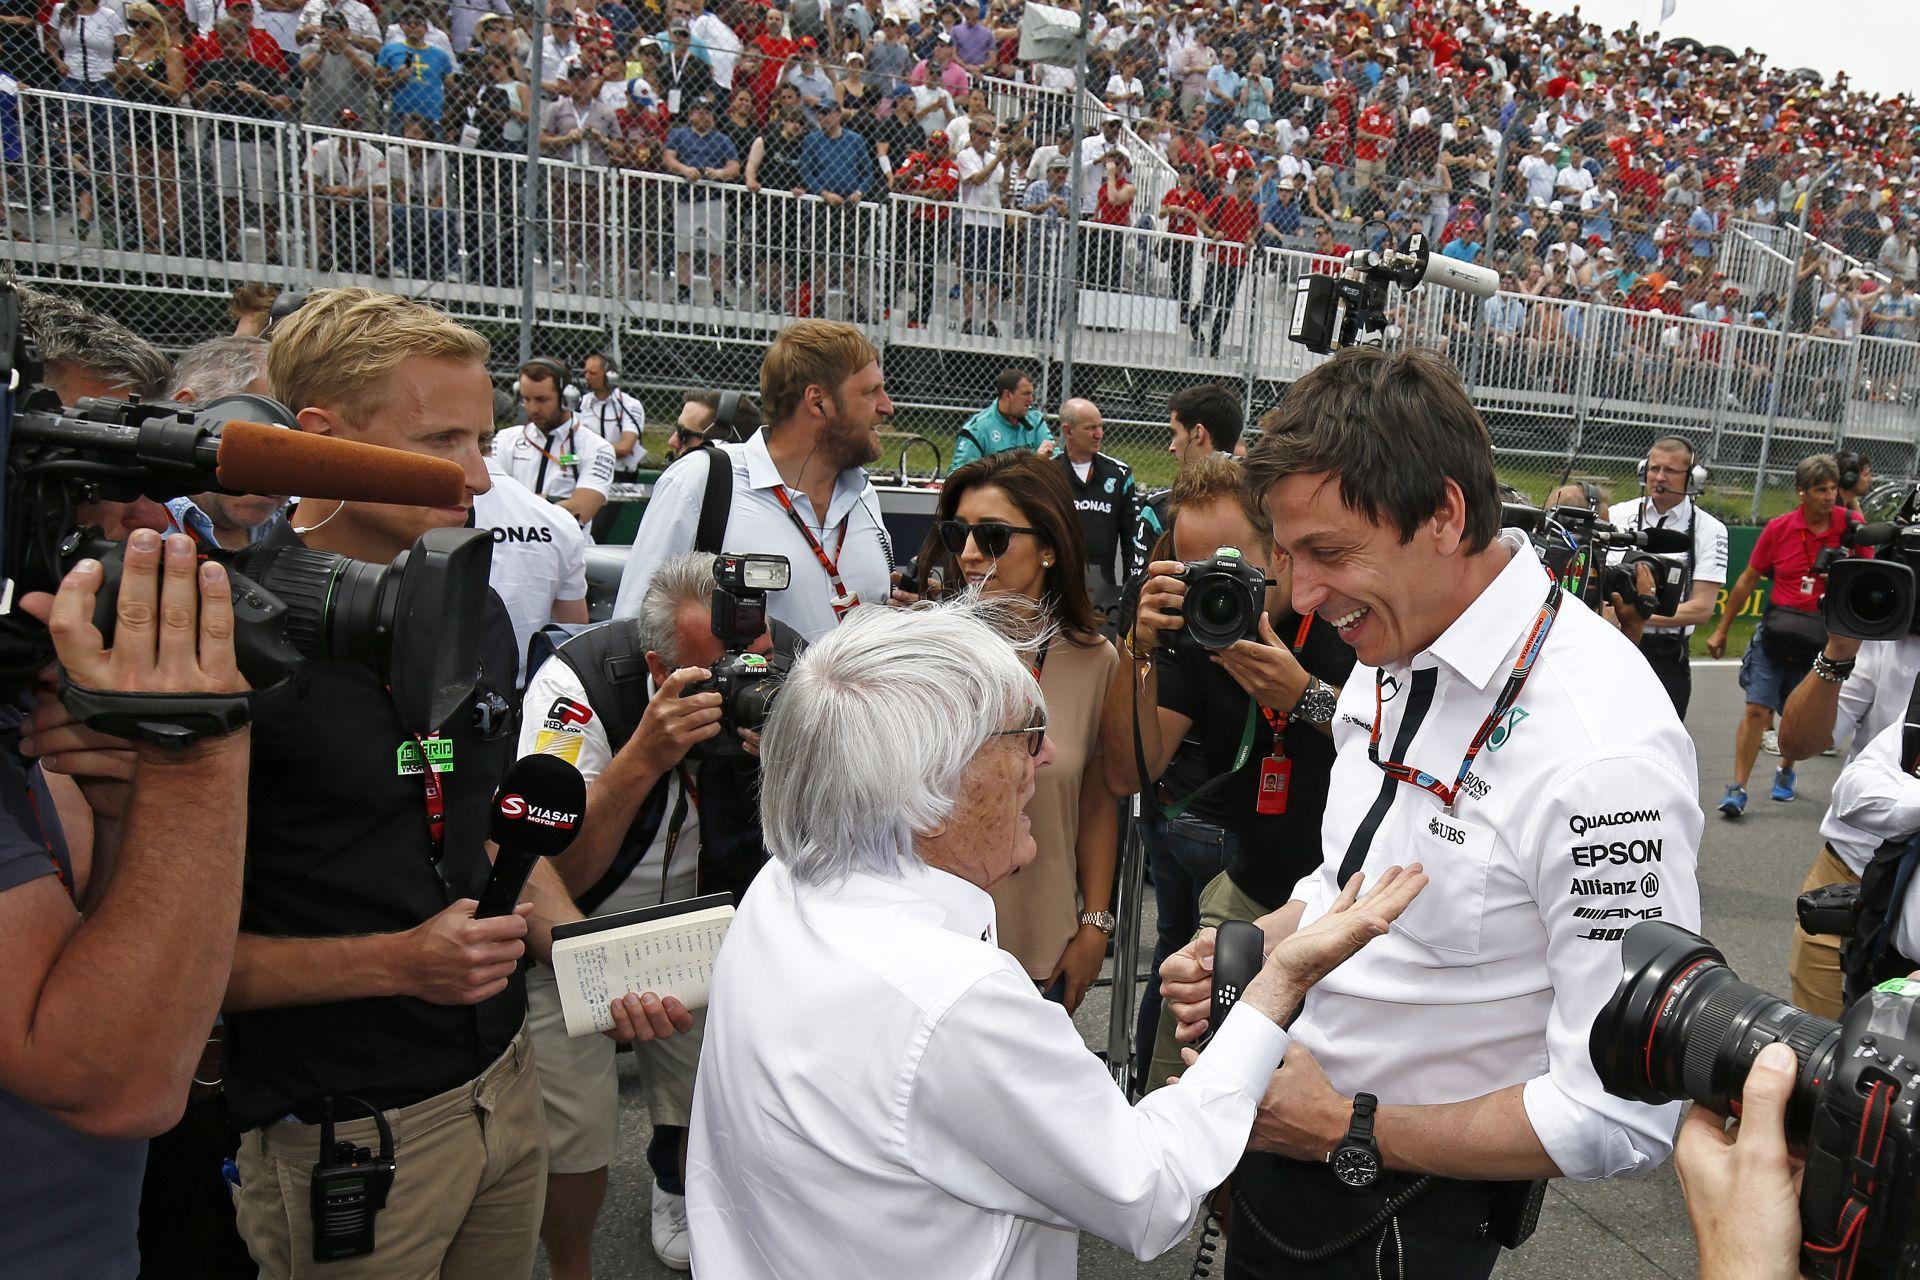 A Mercedes csapatfőnöke, Toto Wolff is bekerült a leggazdagabb svájciak közé!